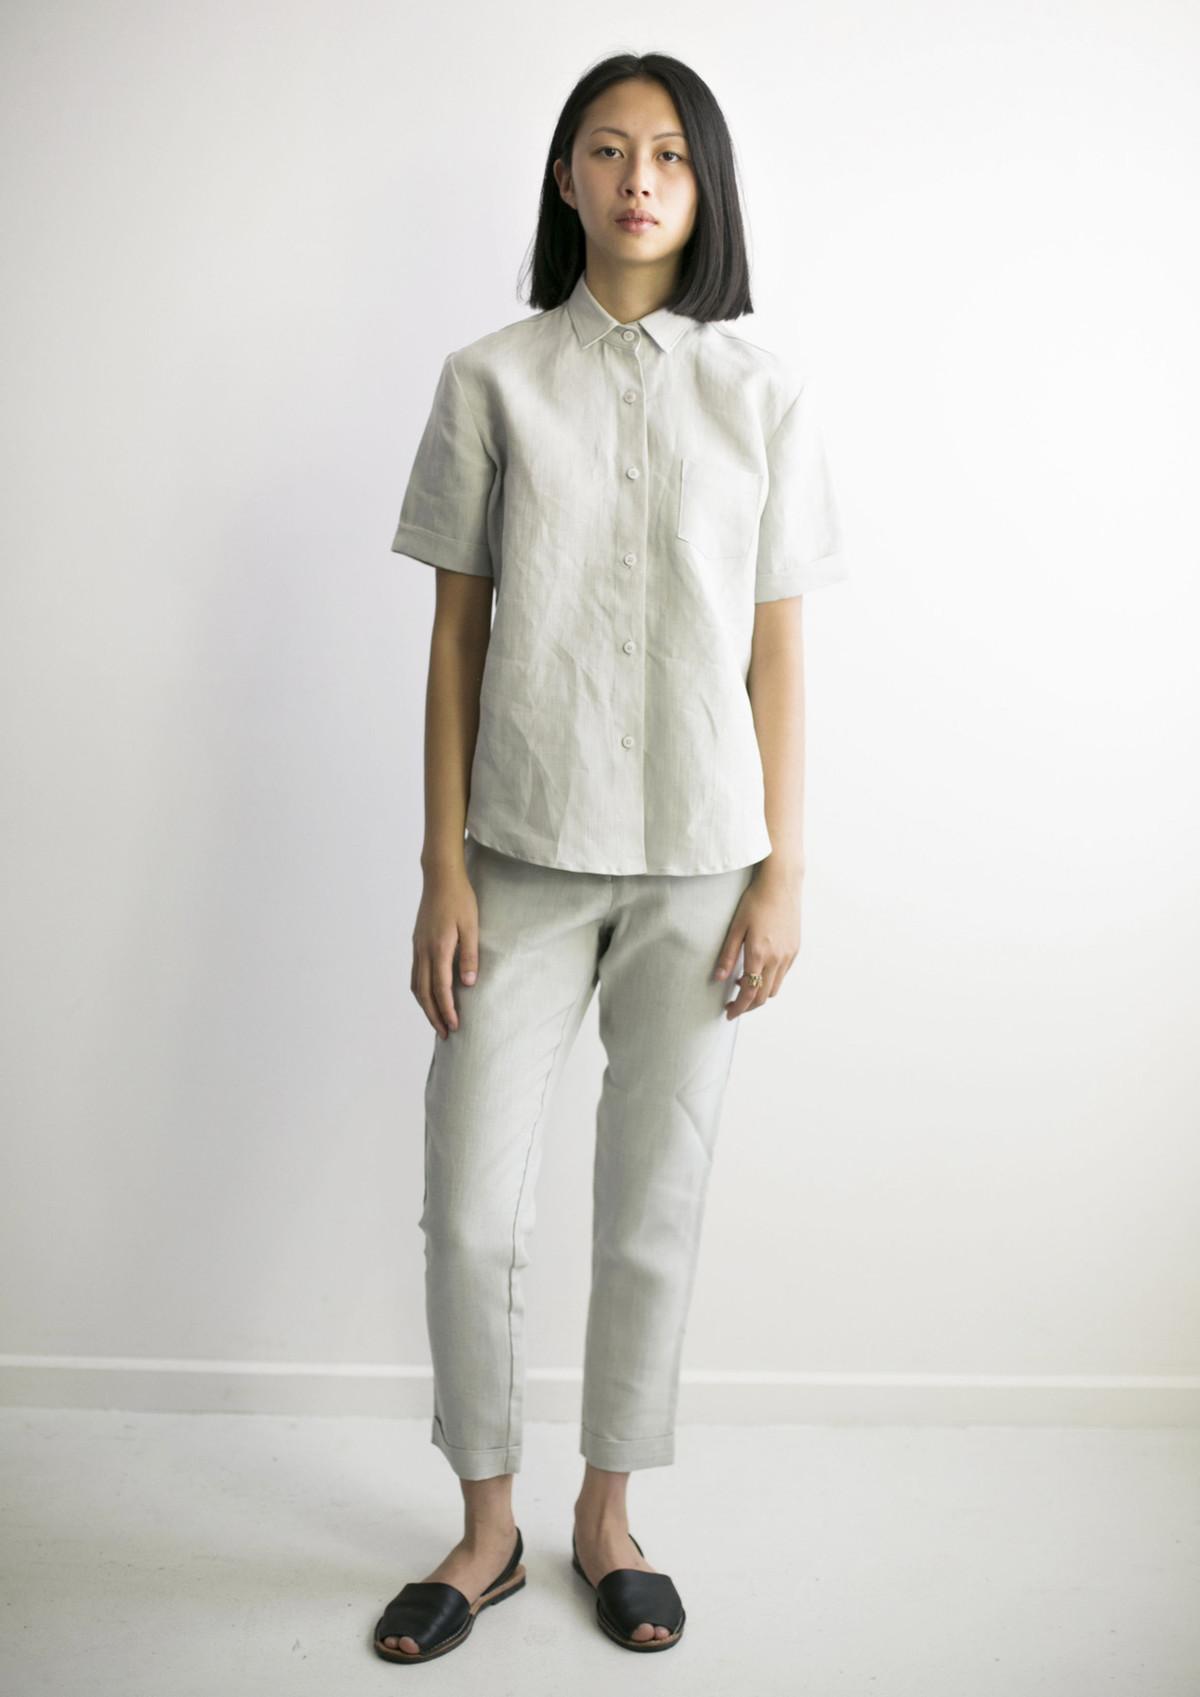 Linen Pants Suits For Women Www Topsimages Com